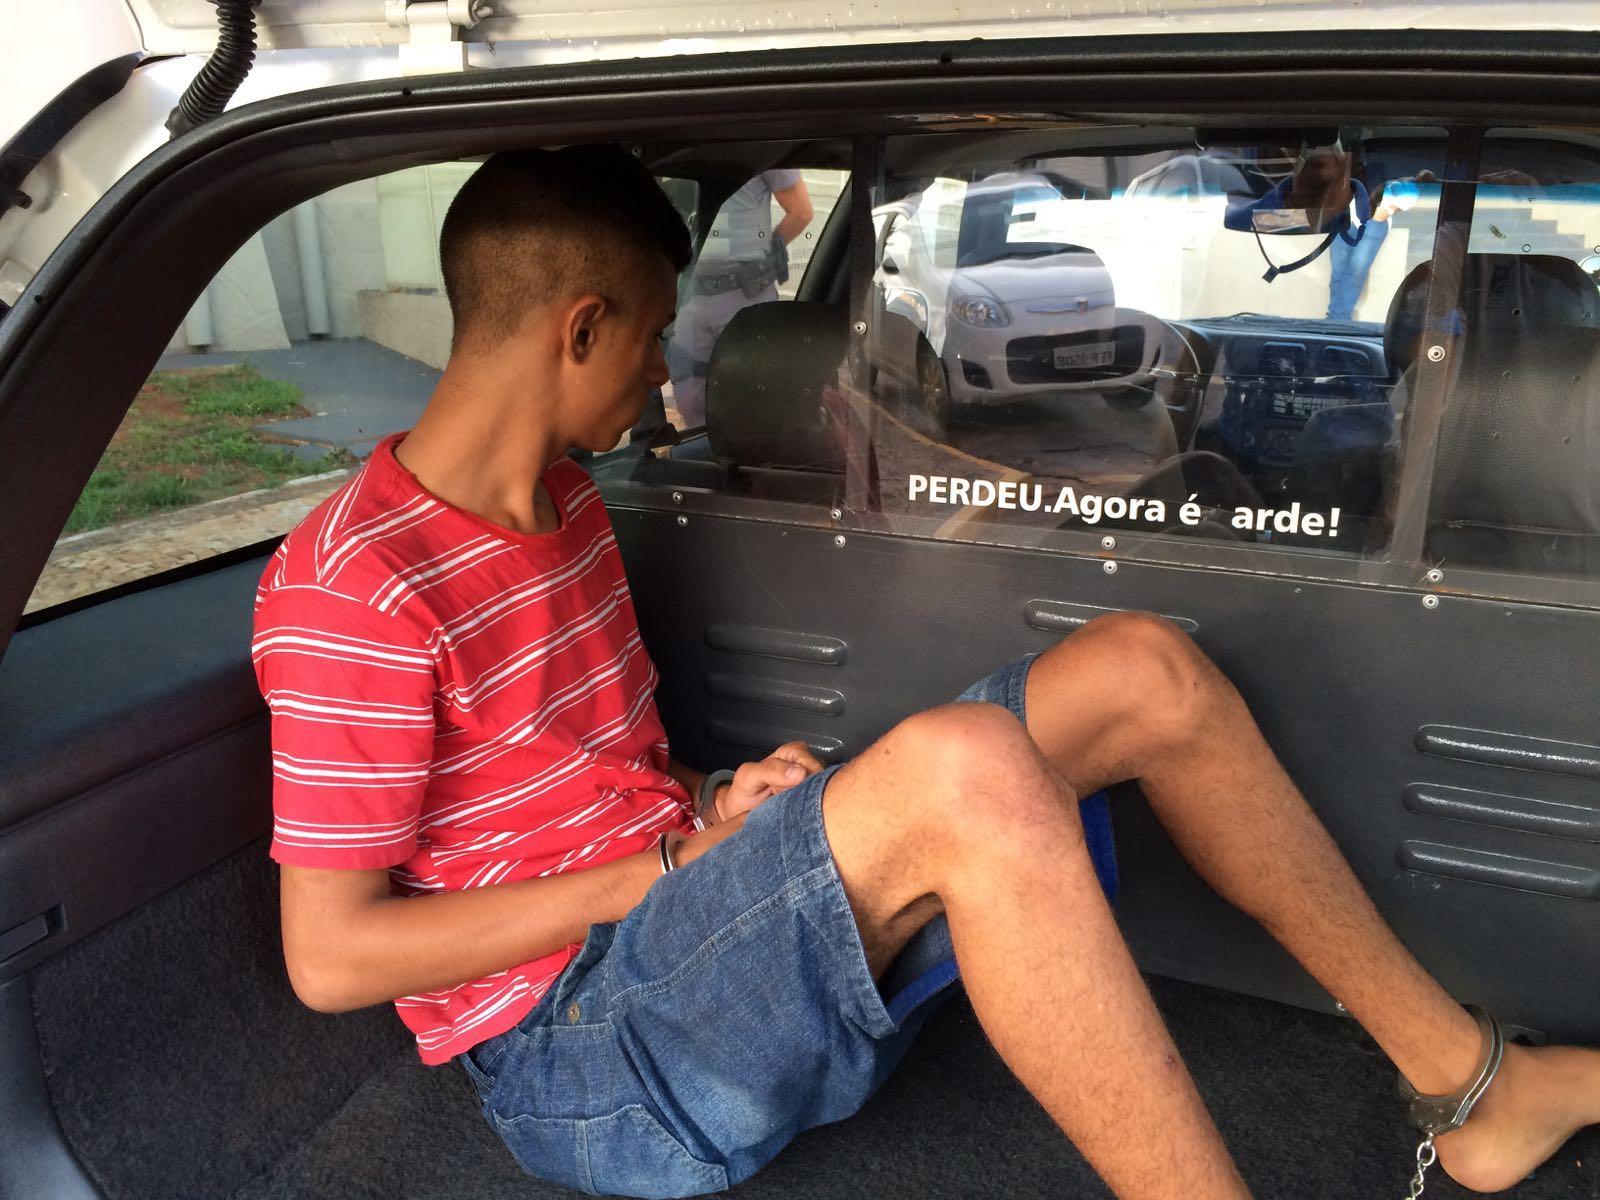 Menor de idade foi detido e está à disposição da Justiça (Foto: Reginaldo Coelho/Jornal 101)